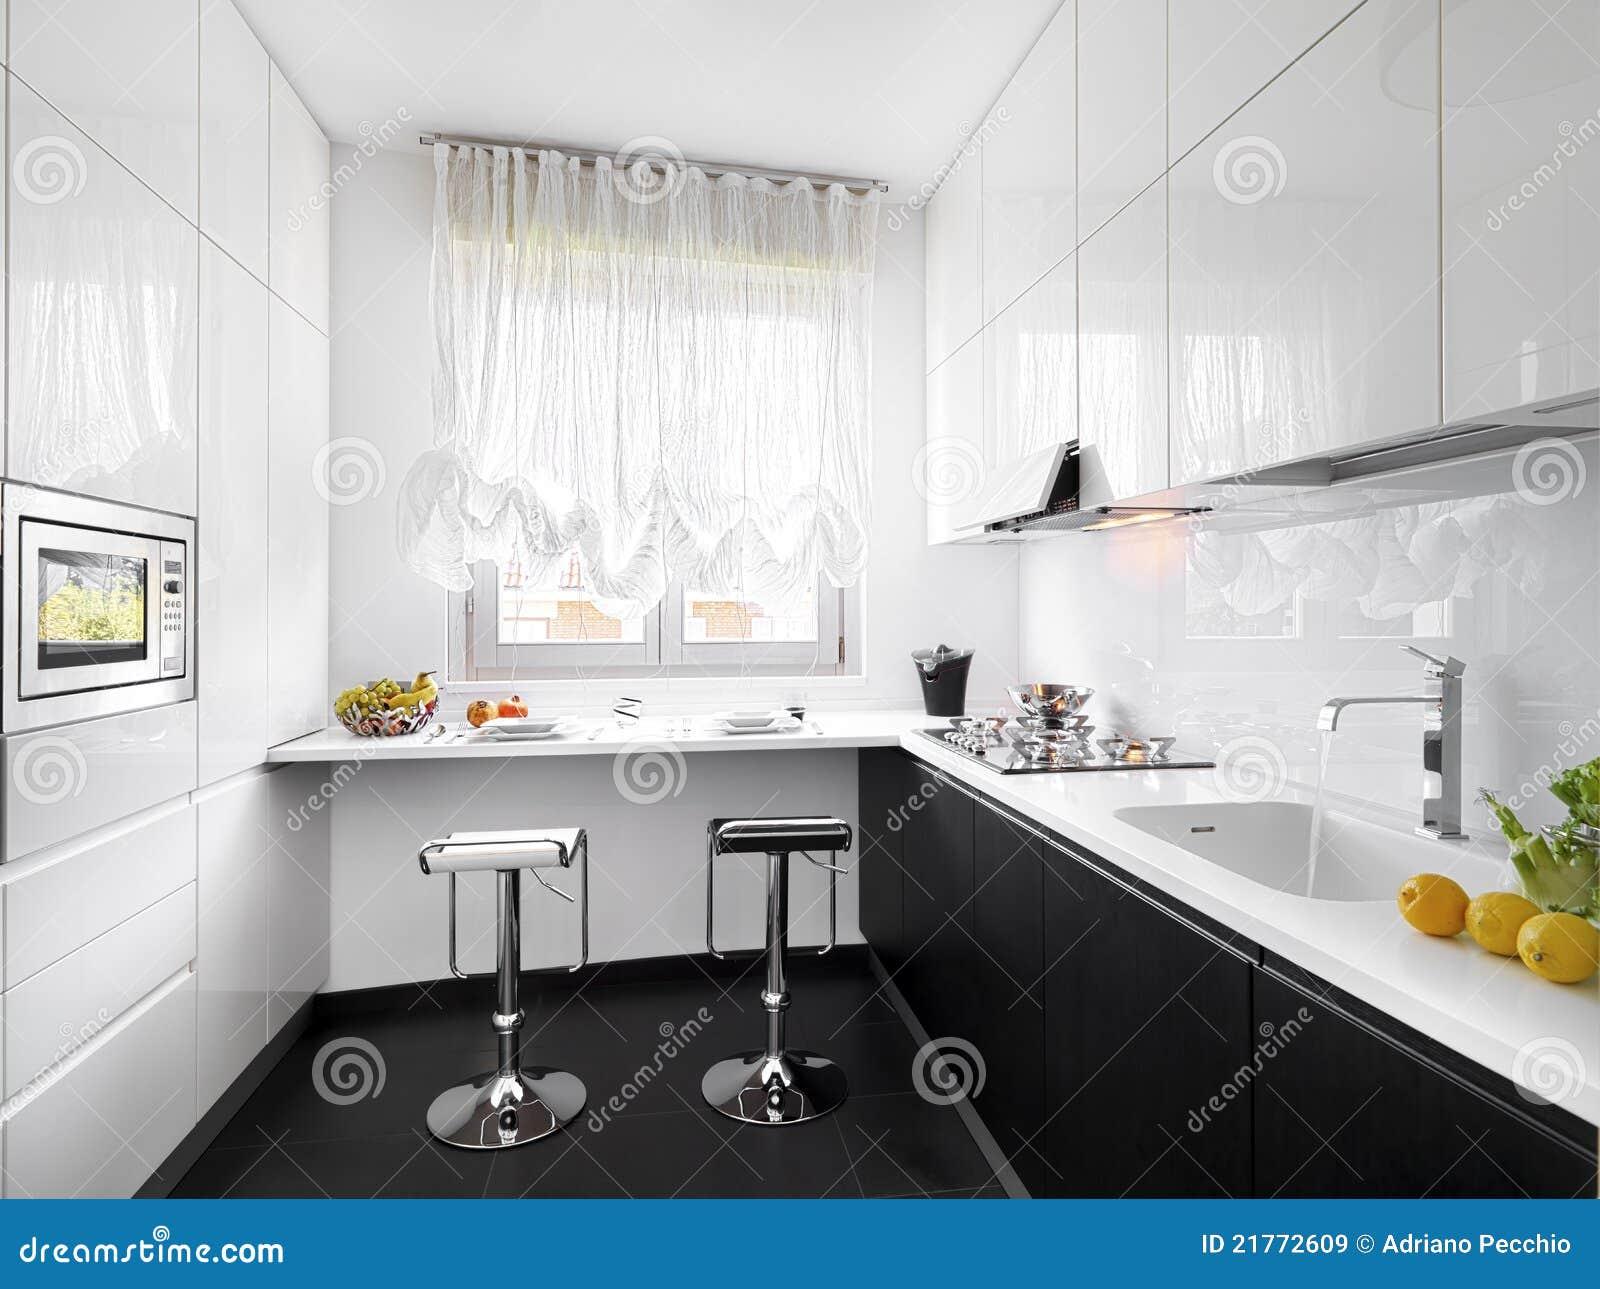 Cocina blanca moderna imagen de archivo imagen de blanco for Cocinas modernas blancas precios